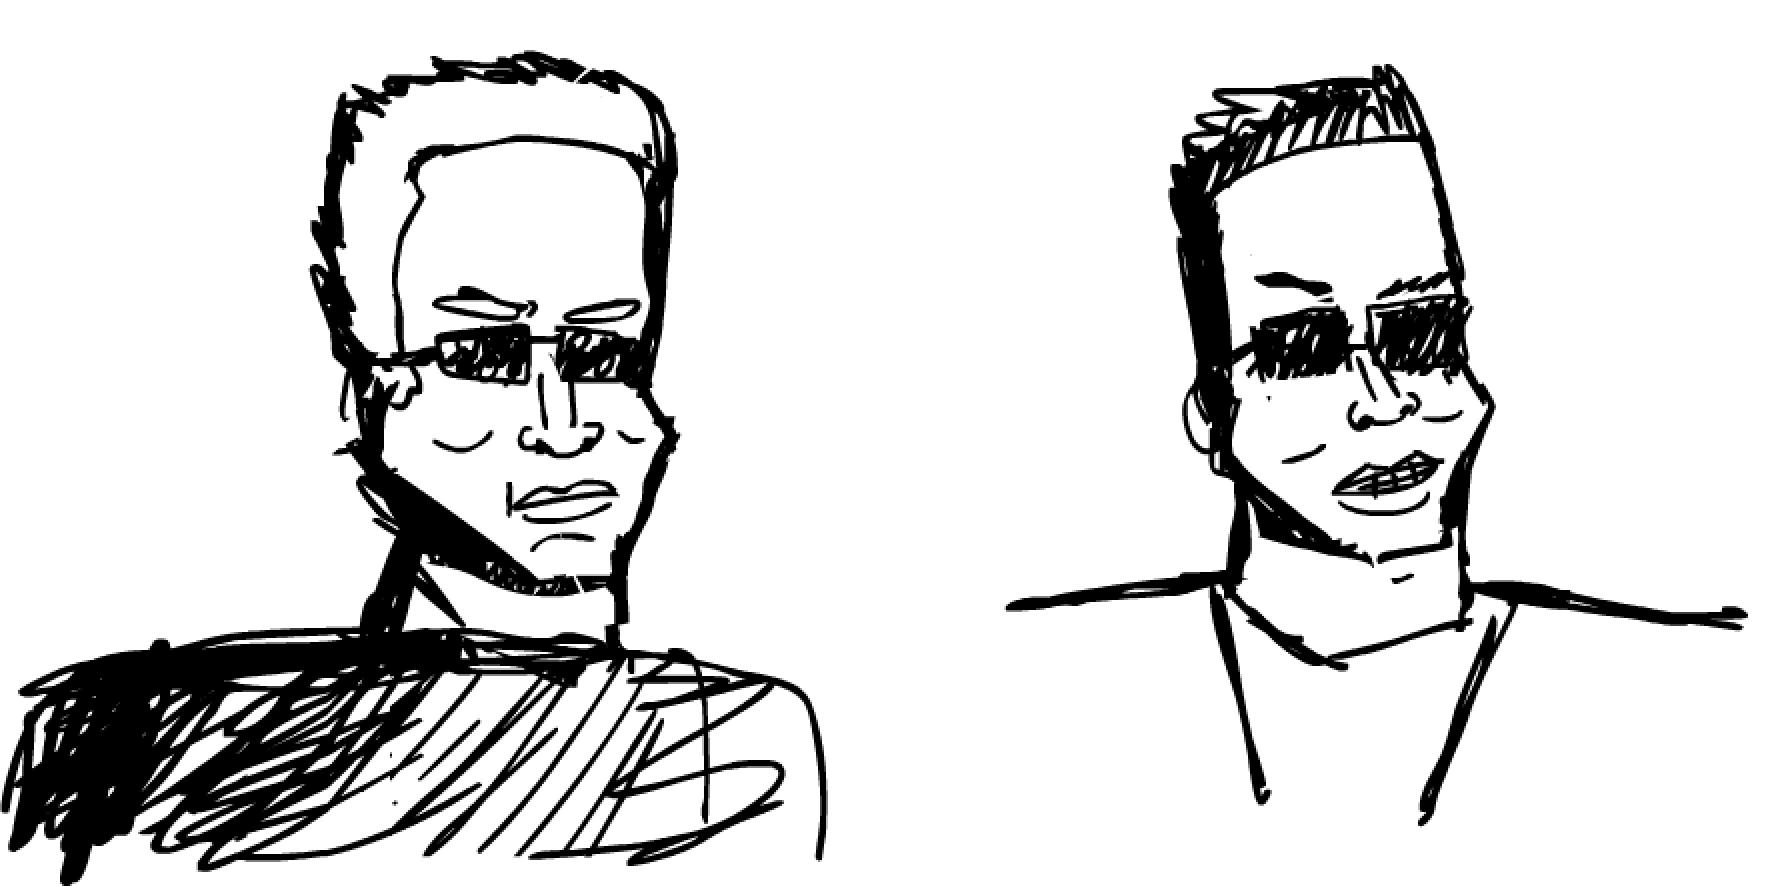 Terminator Designs 2